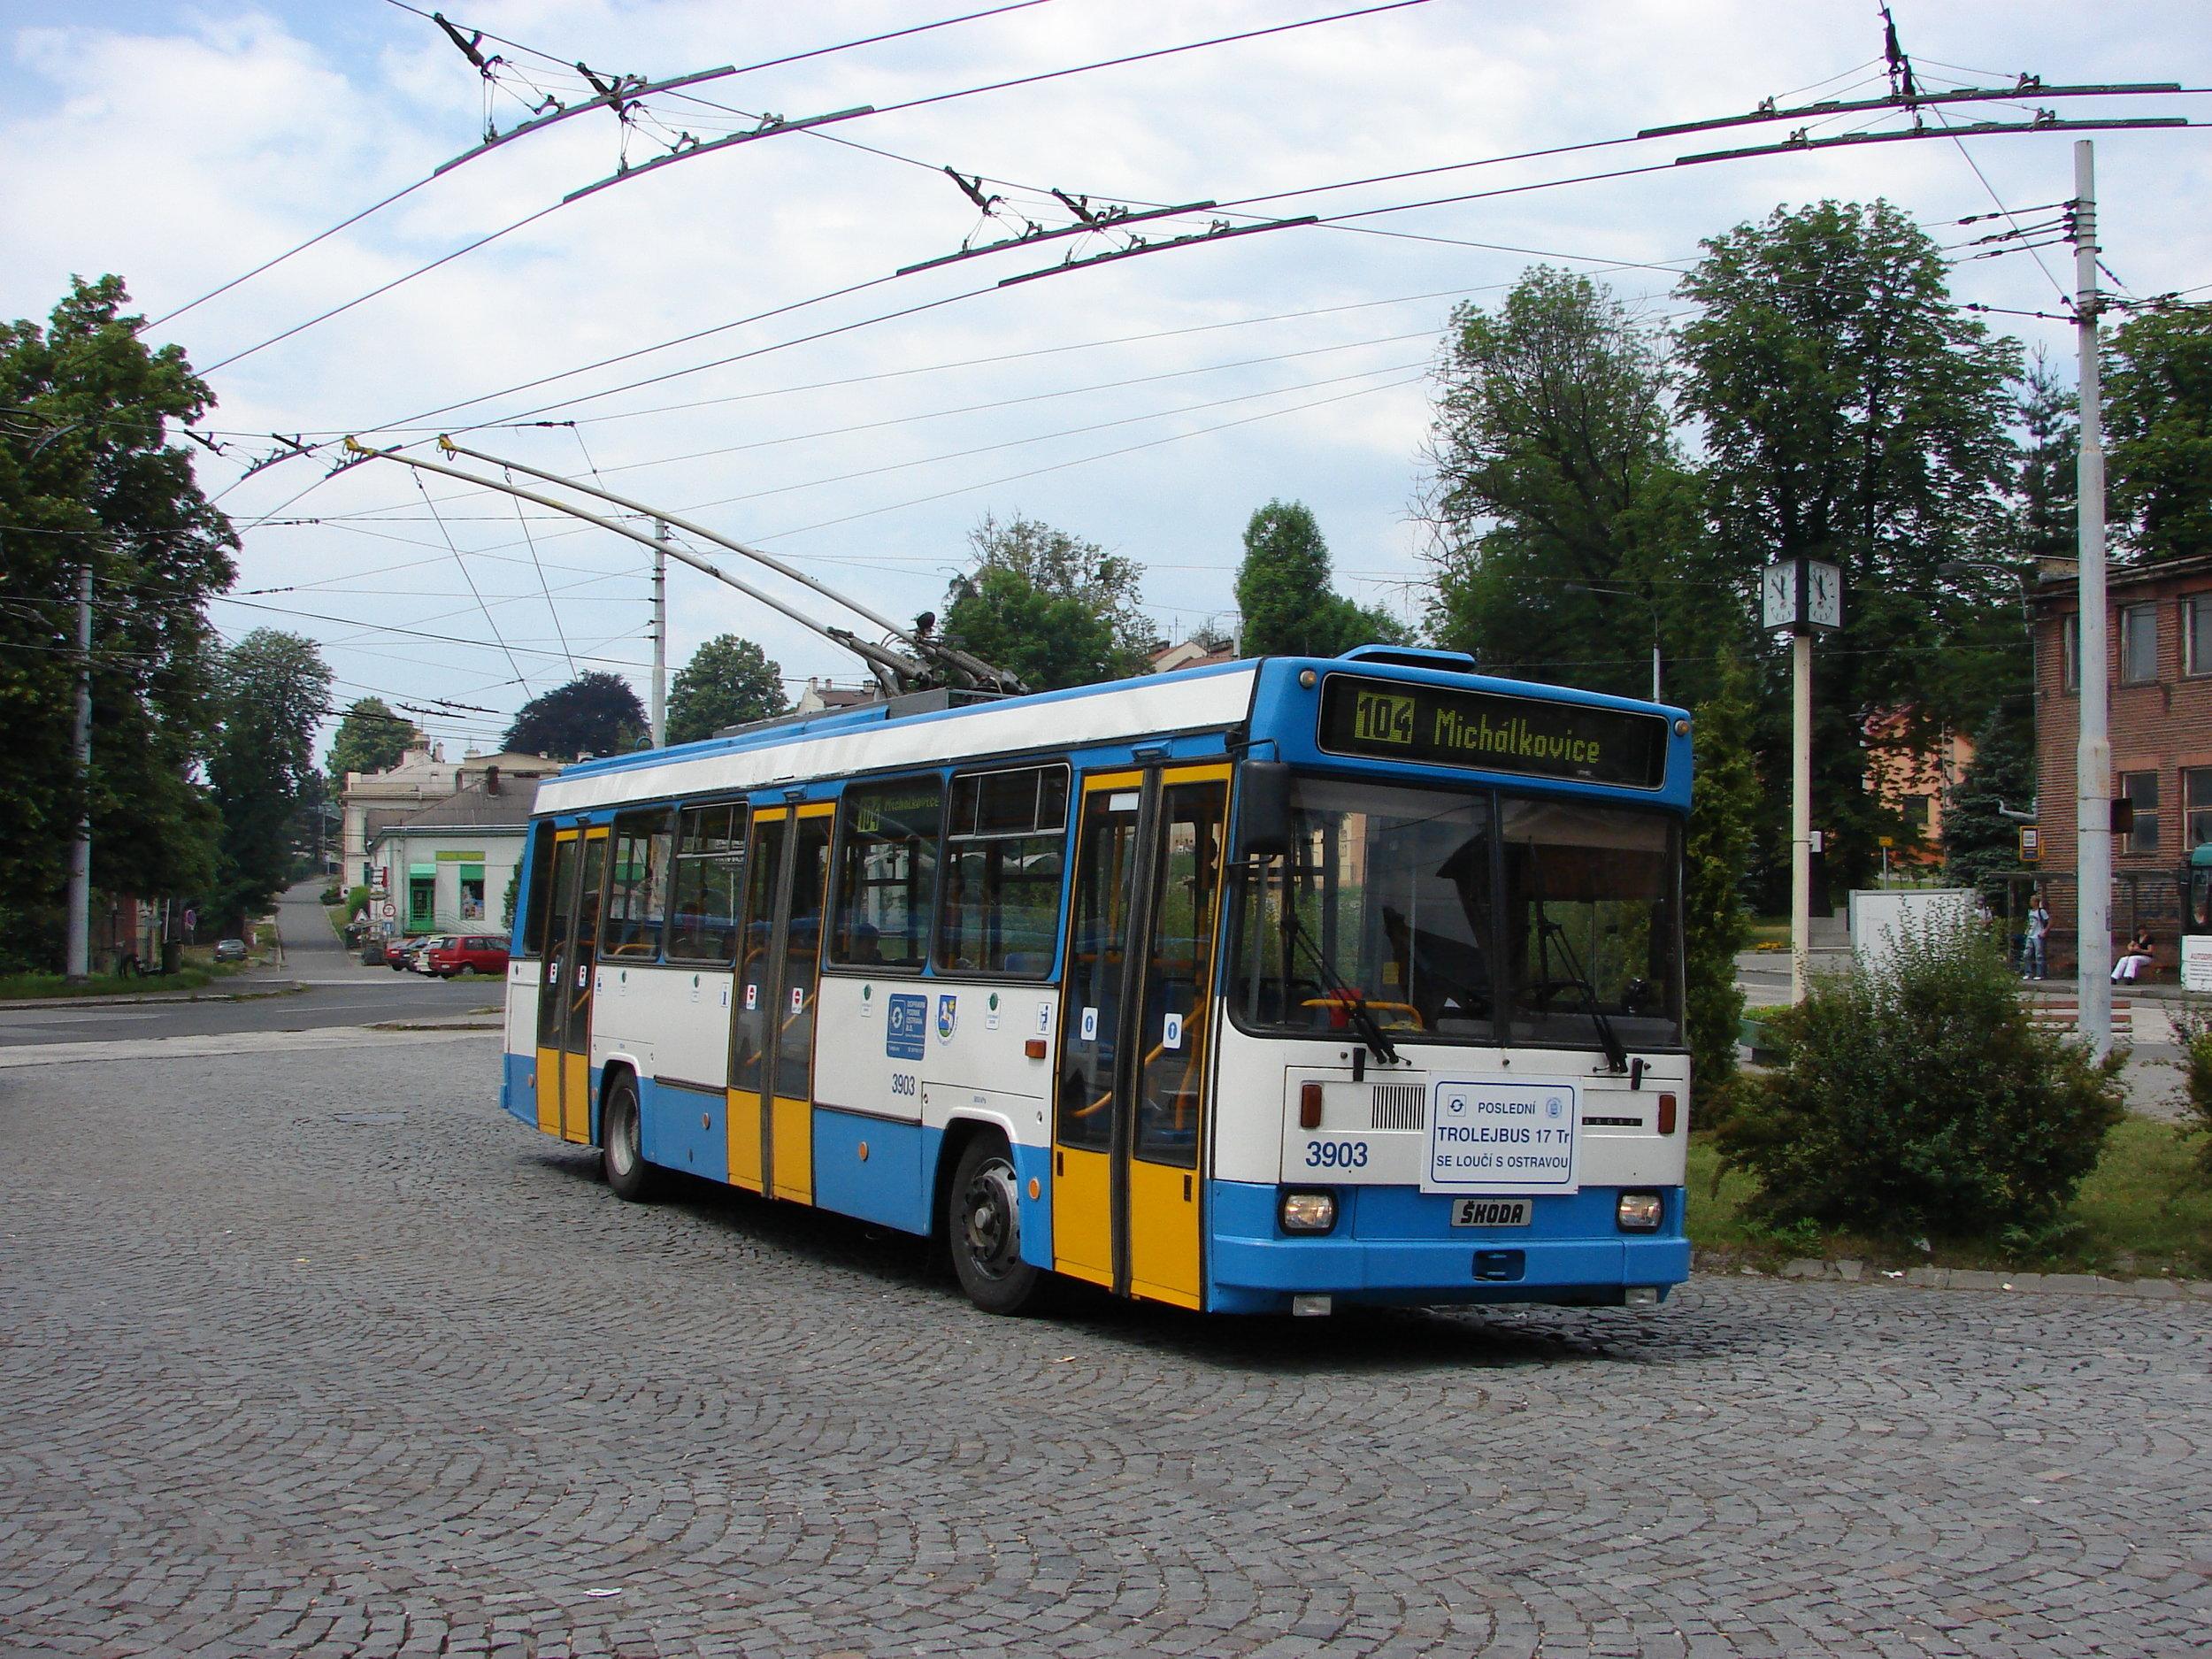 Rozlučková jízda vozu ev. č. 3903 (funkčního vzorku) v Ostravě v červnu 2007 před předáním do Technického muzea v Brně. Šlo o poslední provozní vůz typové řady 17 Tr v Ostravě. Snímek pochází ze smyčky Michálkovice. (foto: Libor Hinčica)